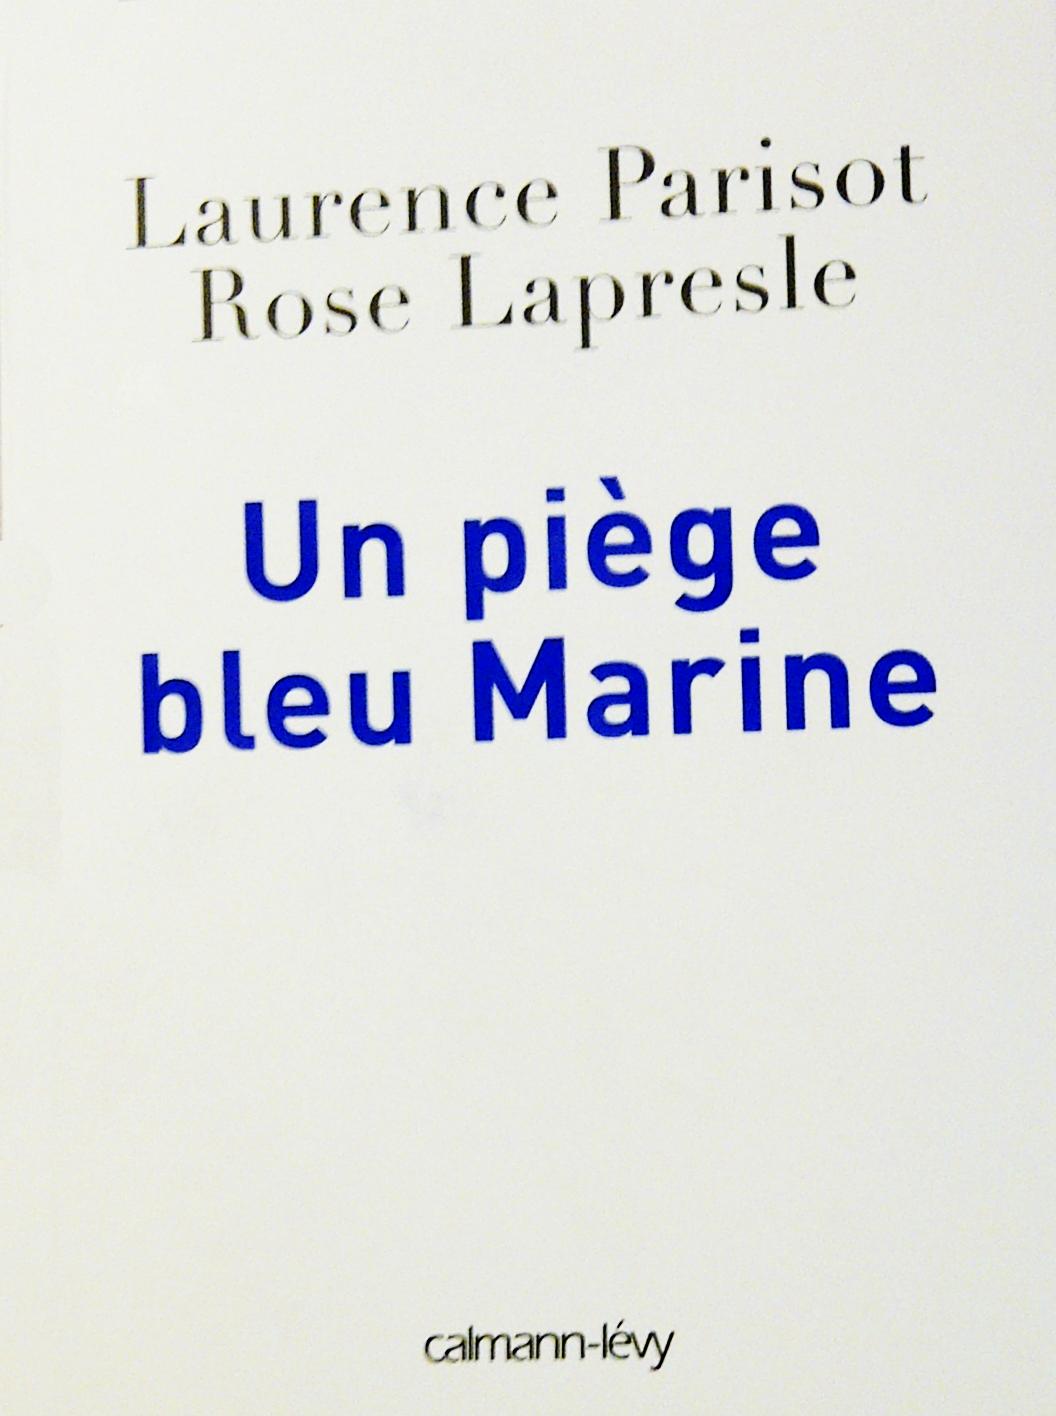 laurence-parisot-politicienne-marine